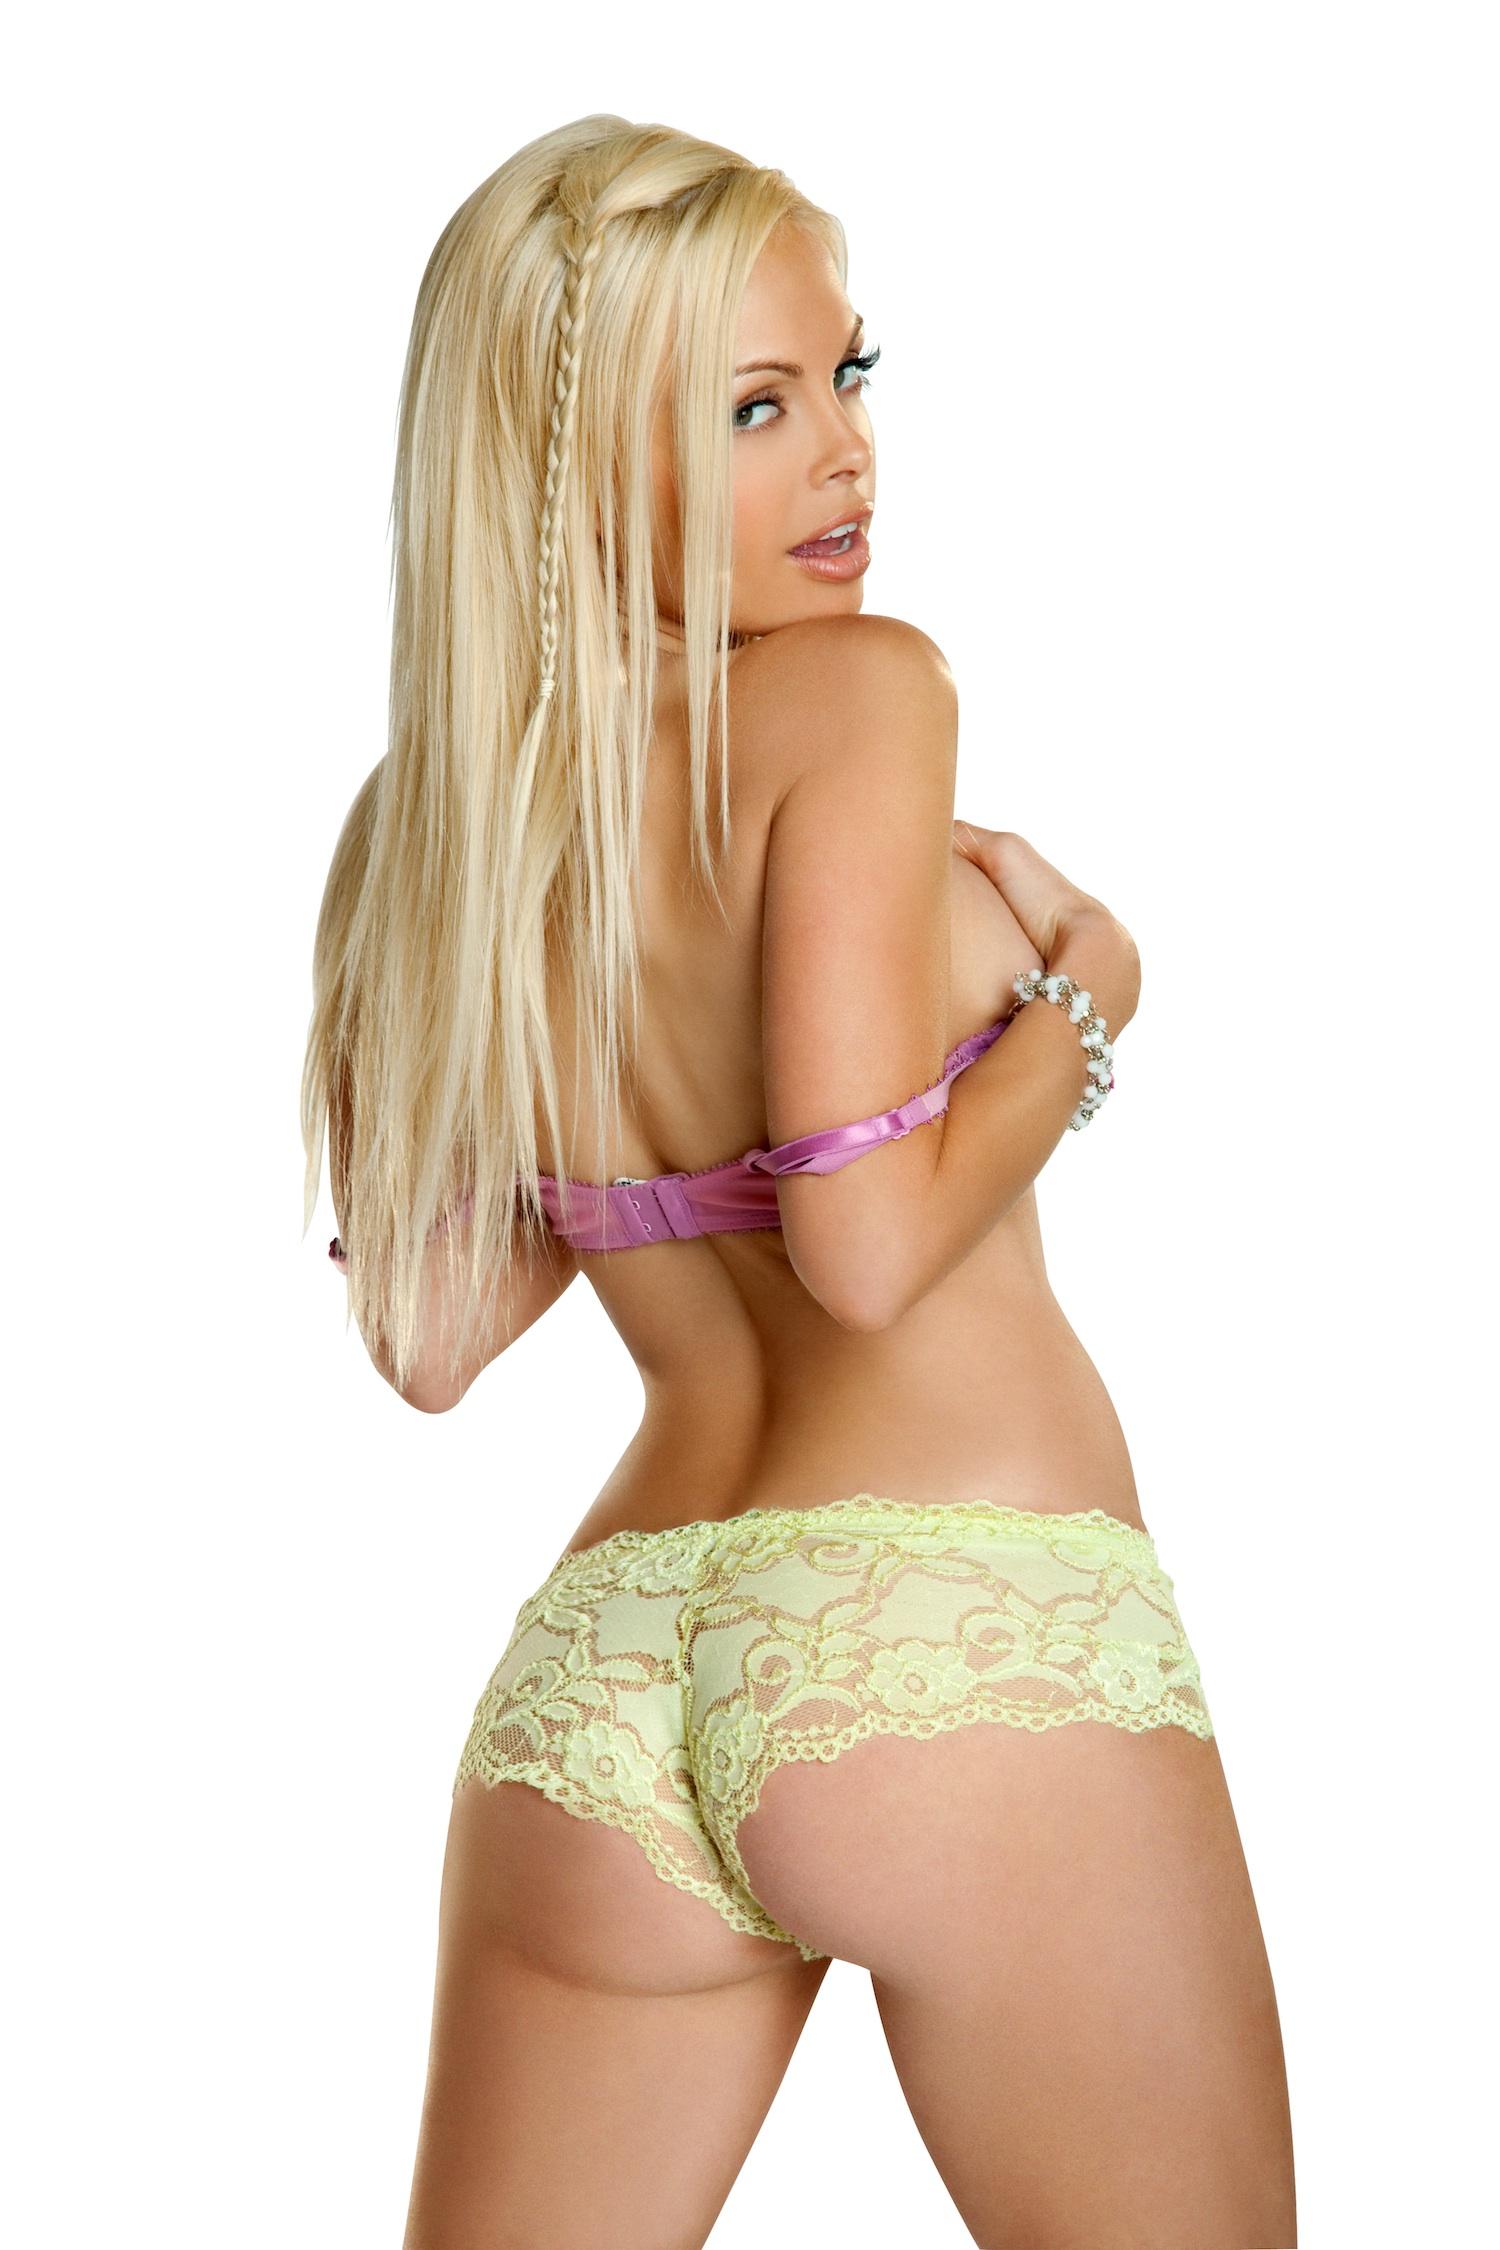 star blonde pron